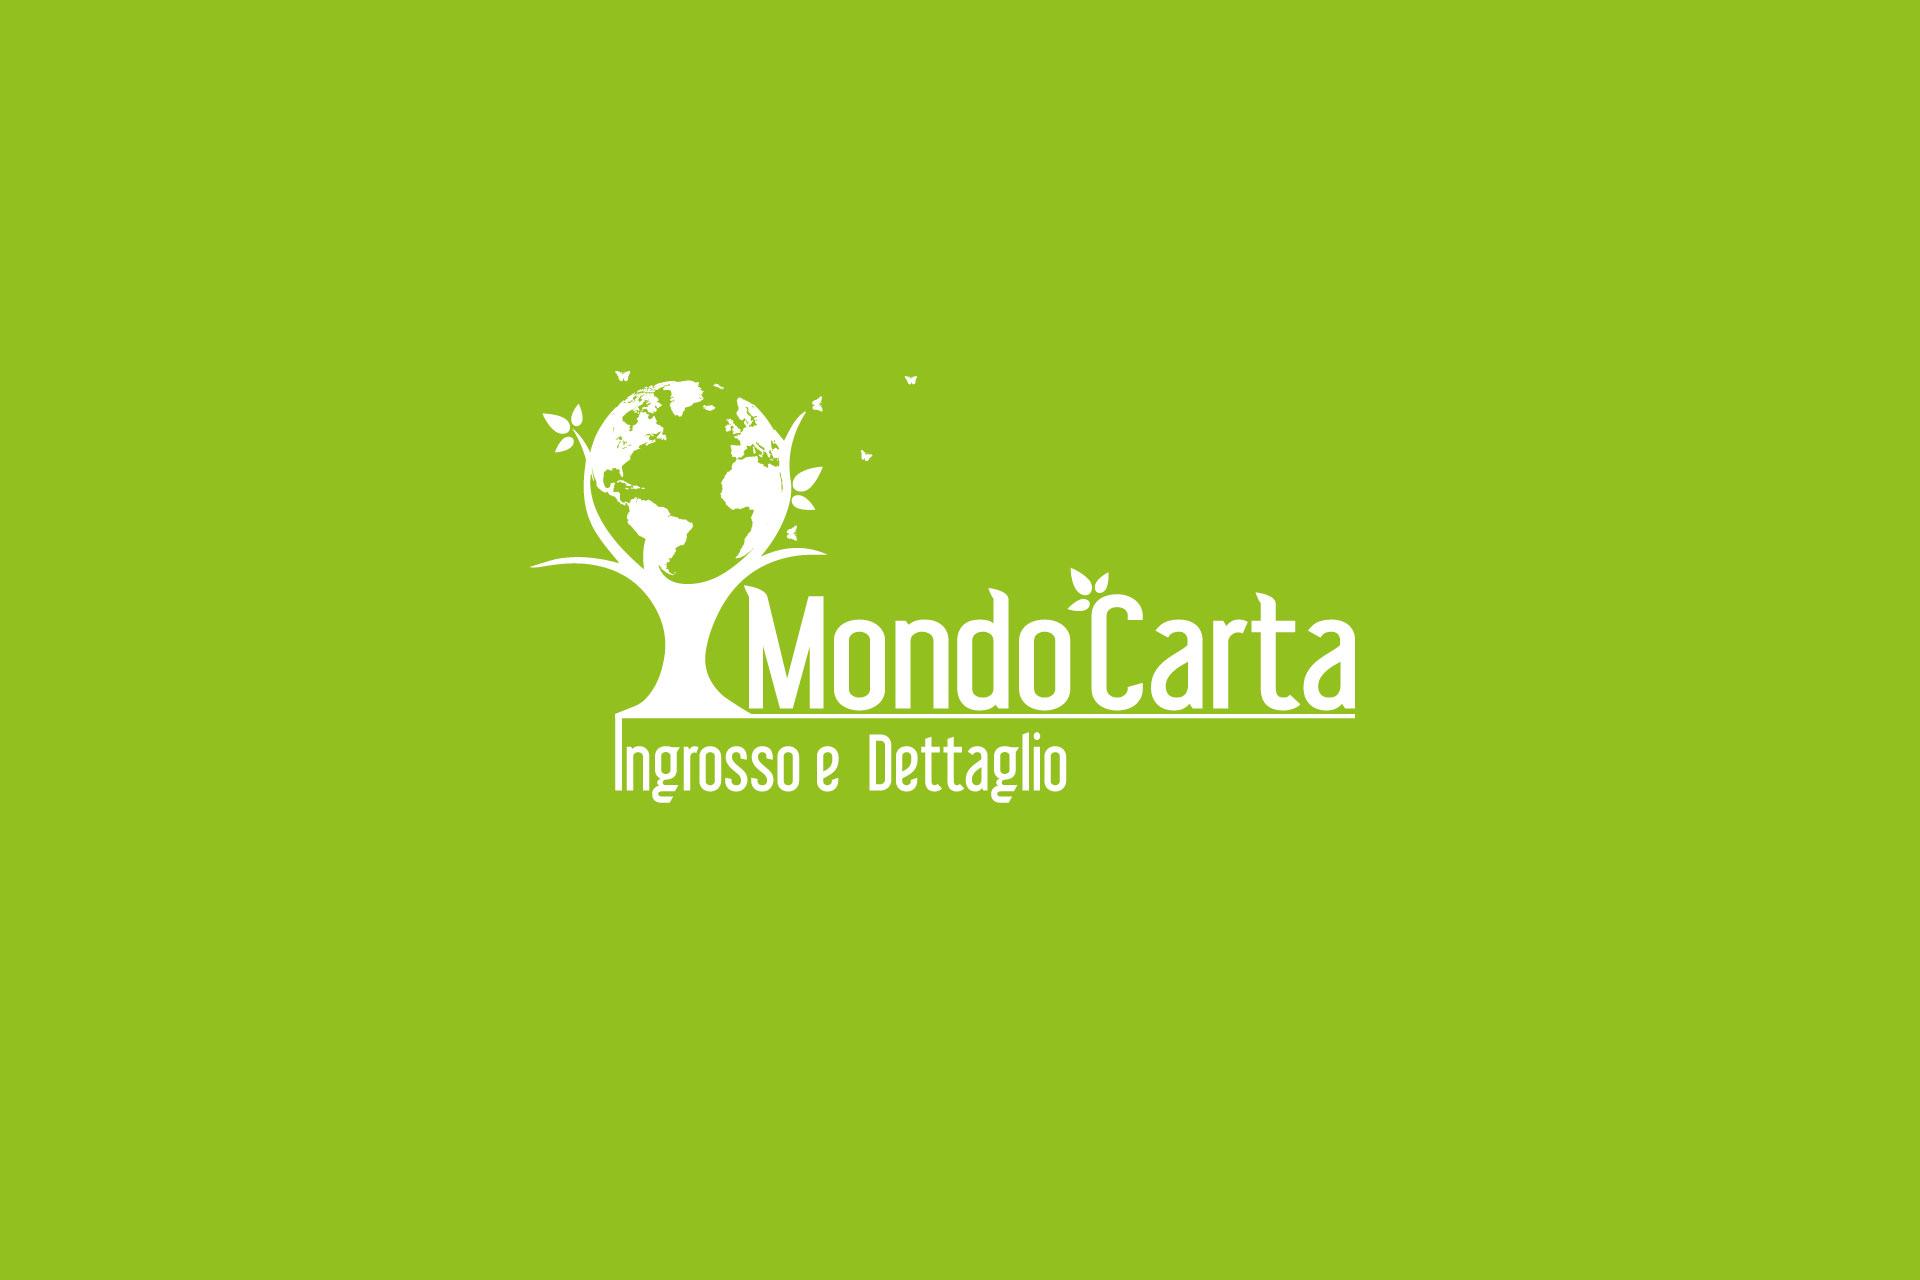 Logo, Brand, Logotipo, Marchio, Pubblicità, Marketing, Grafica Campobasso